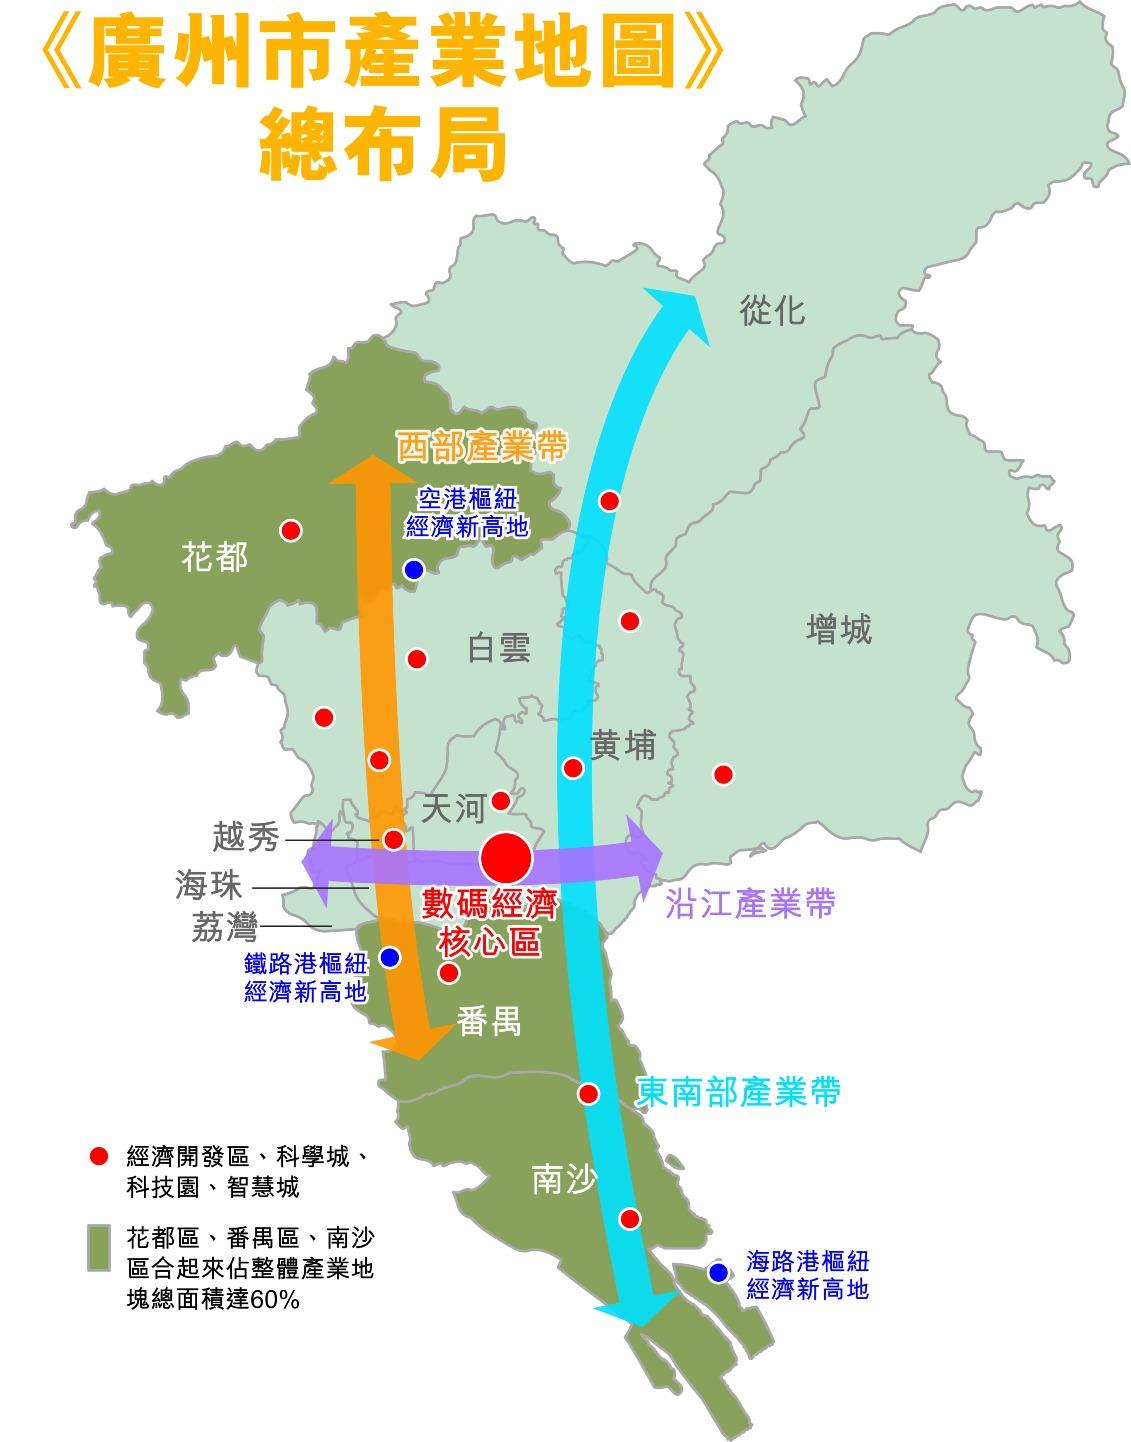 當代中國-粵港澳大灣區-樂活灣區-直通廣州